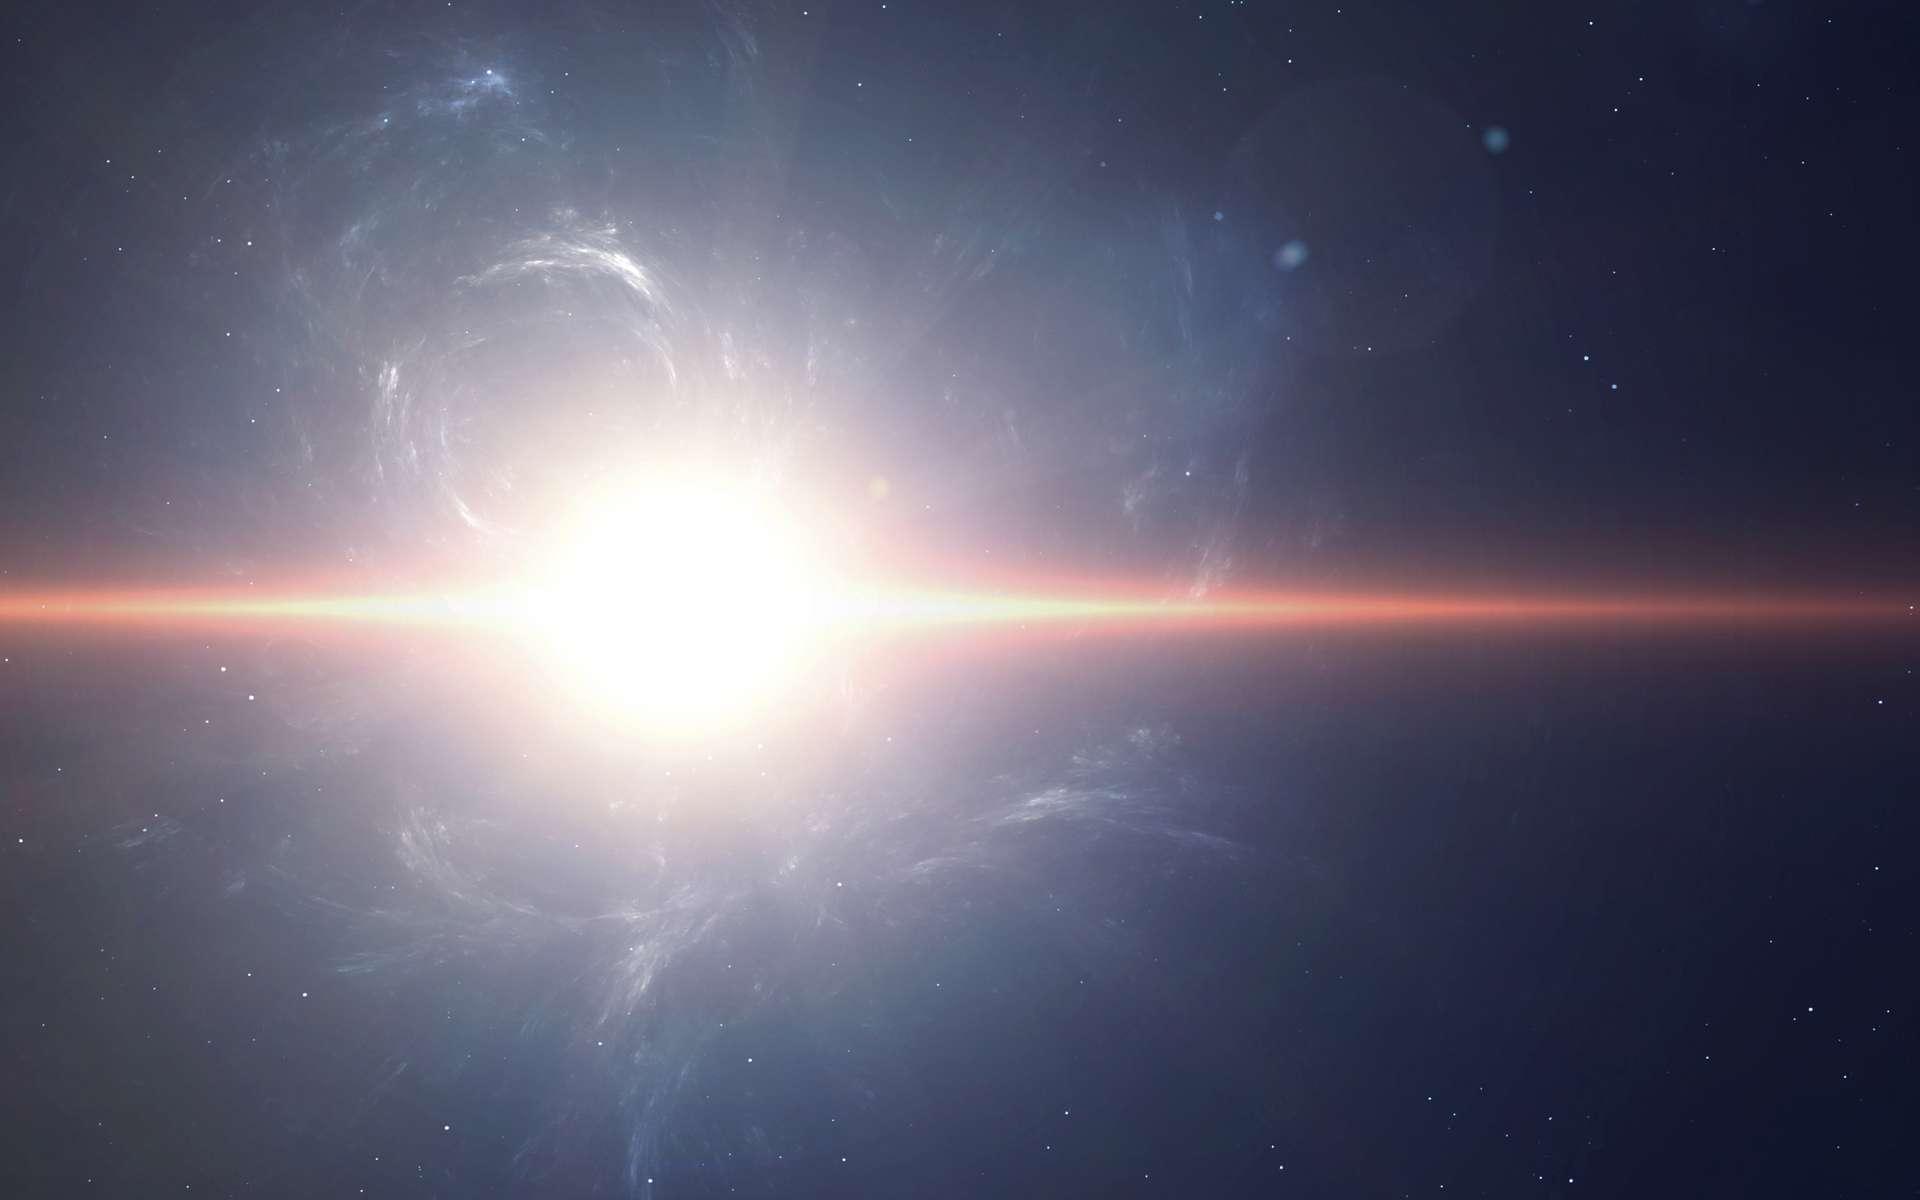 Bételgeuse : que verrons-nous quand elle explosera en supernova ?